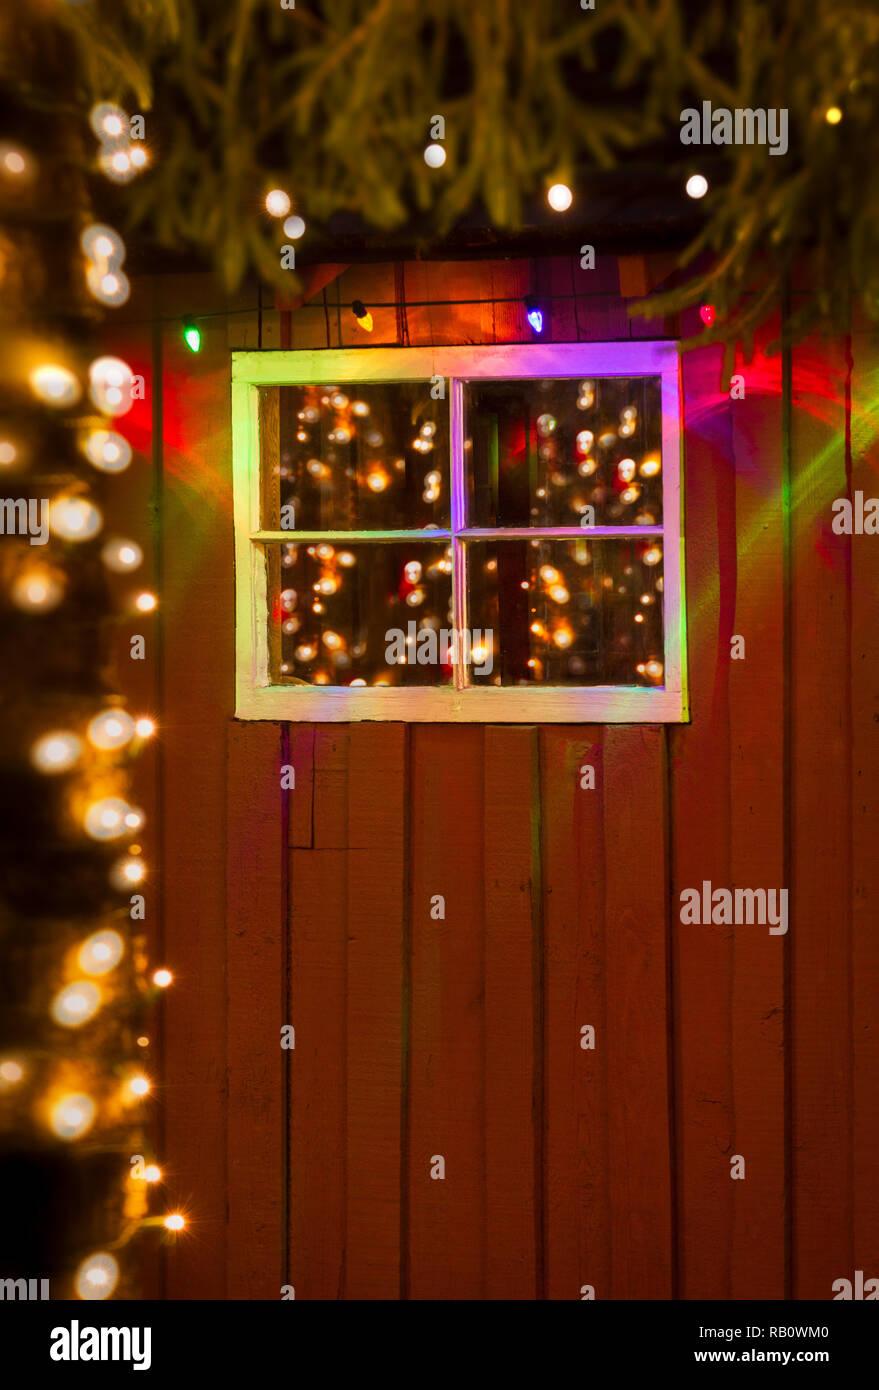 Bunte Weihnachten Lichterketten In Der Nacht In Antike